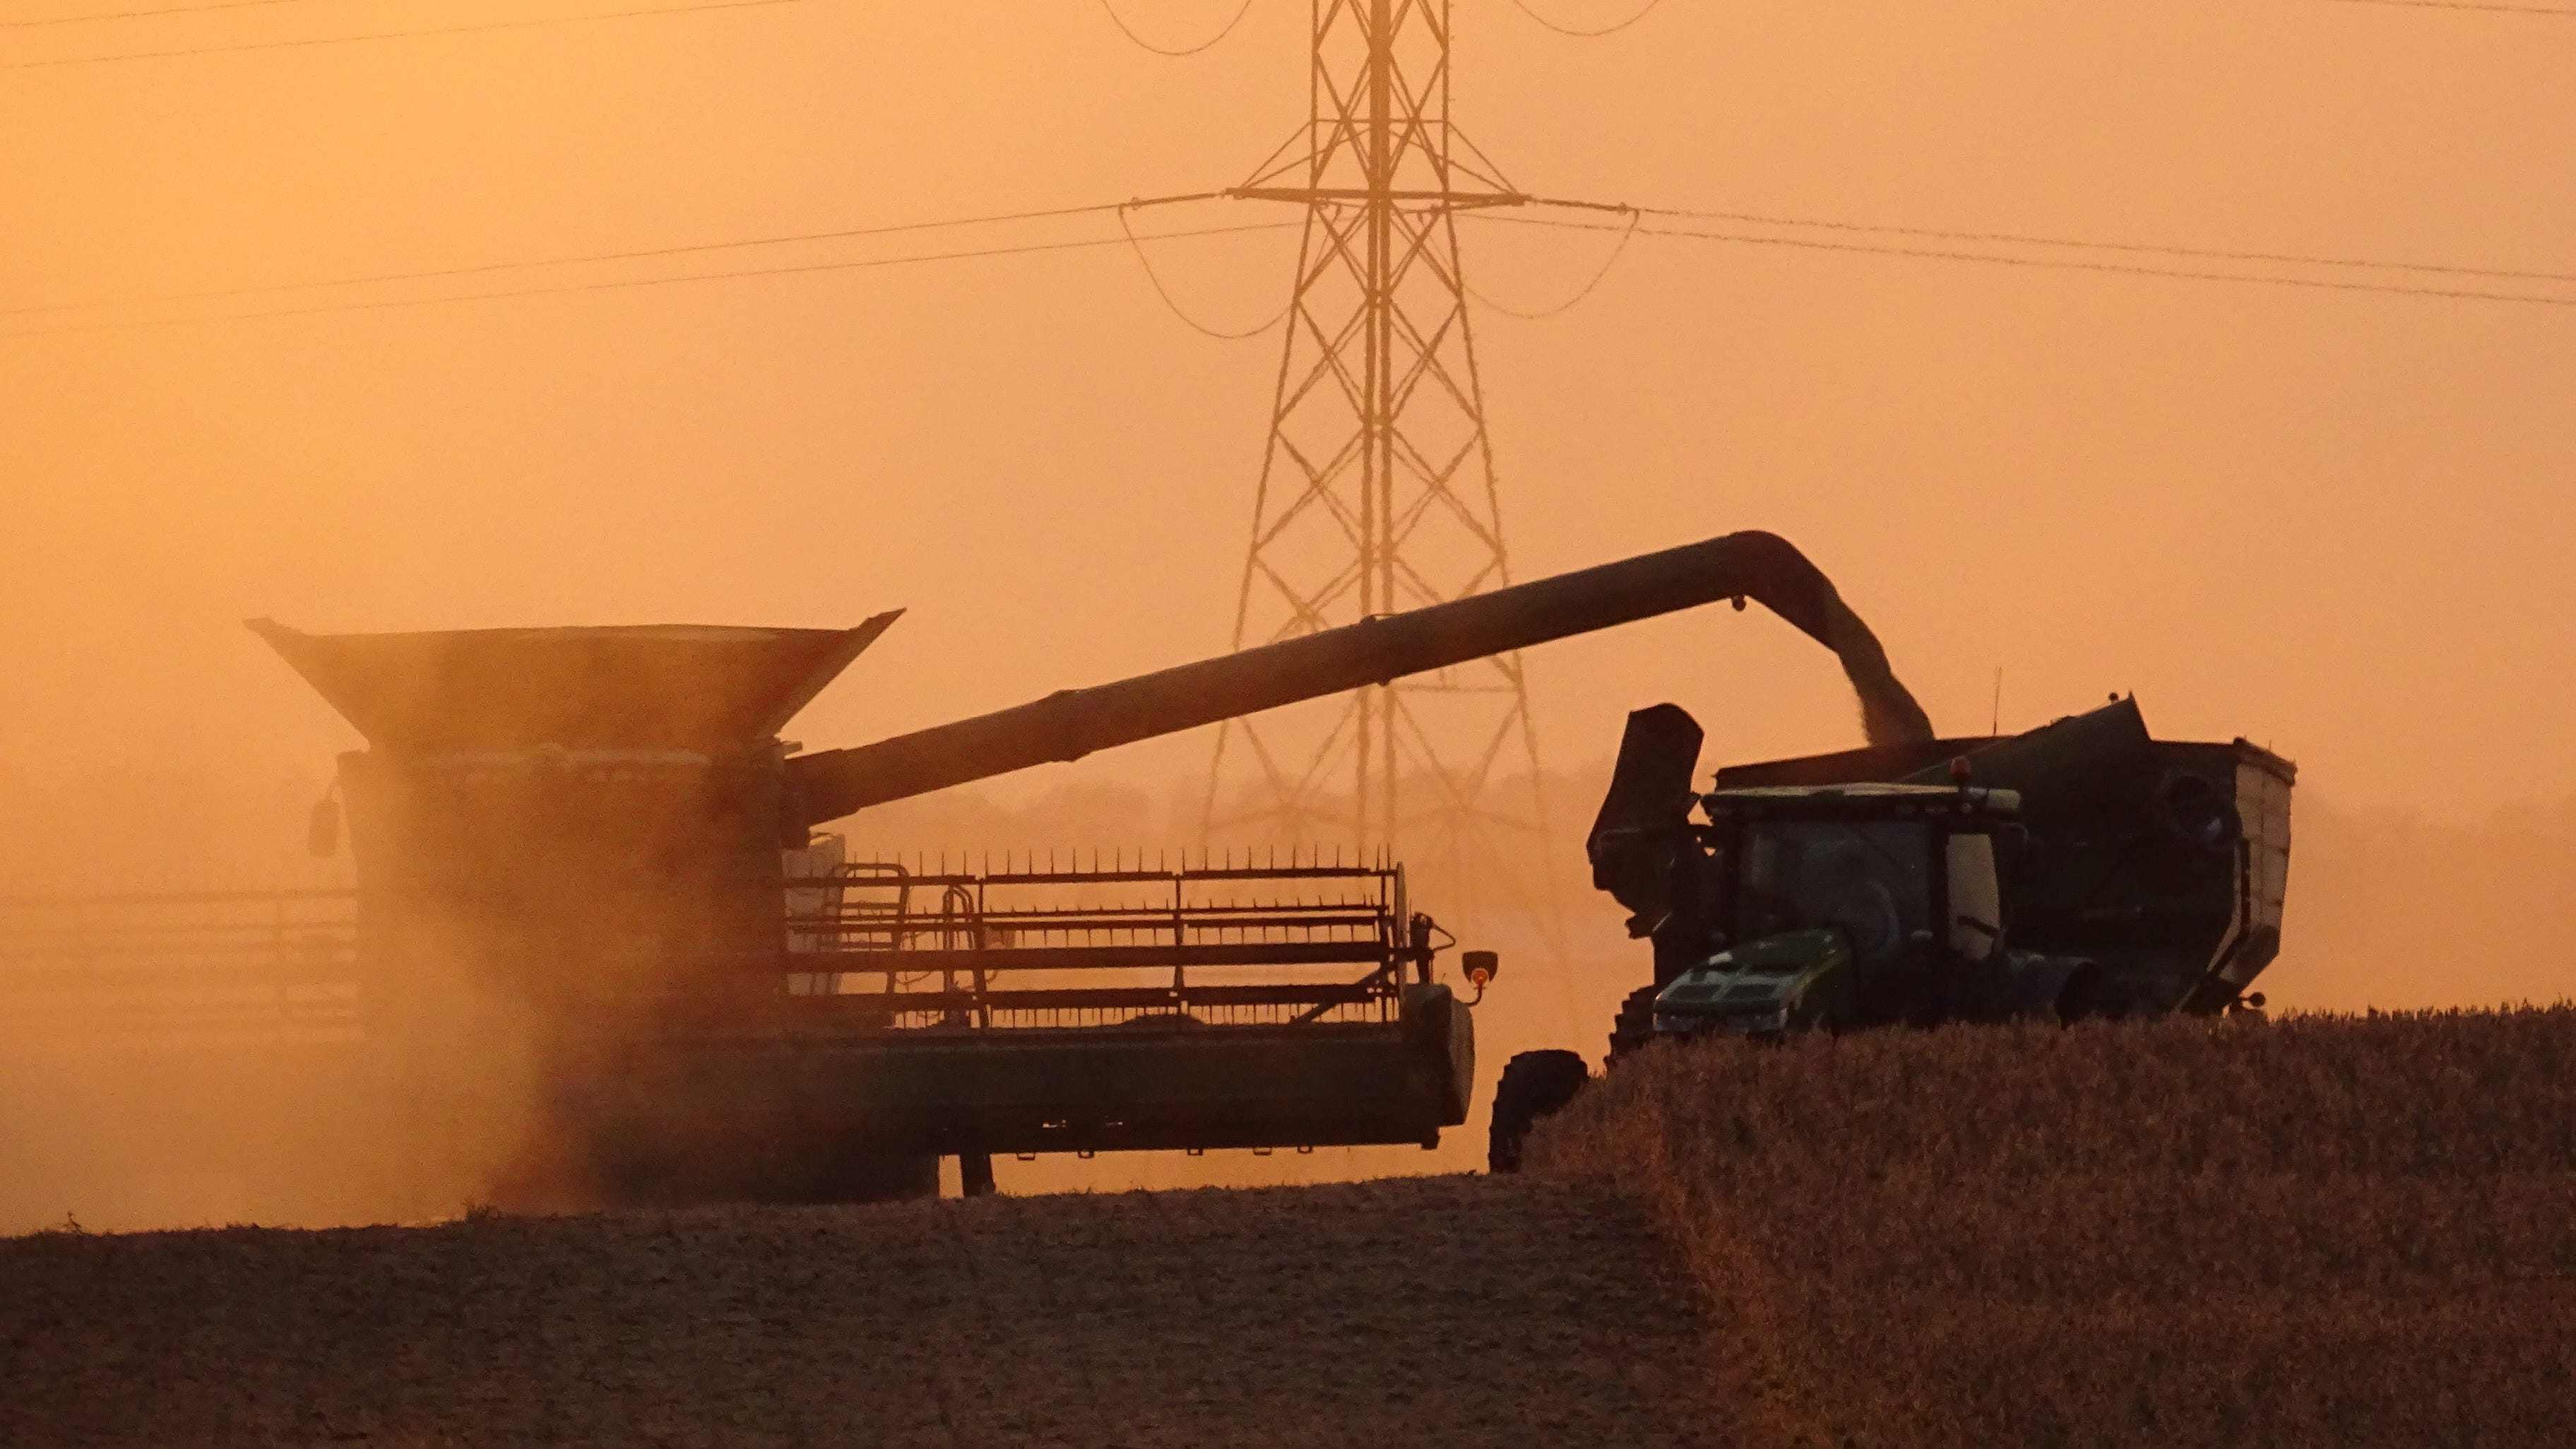 Harvest season underway; farmers seeing good yields